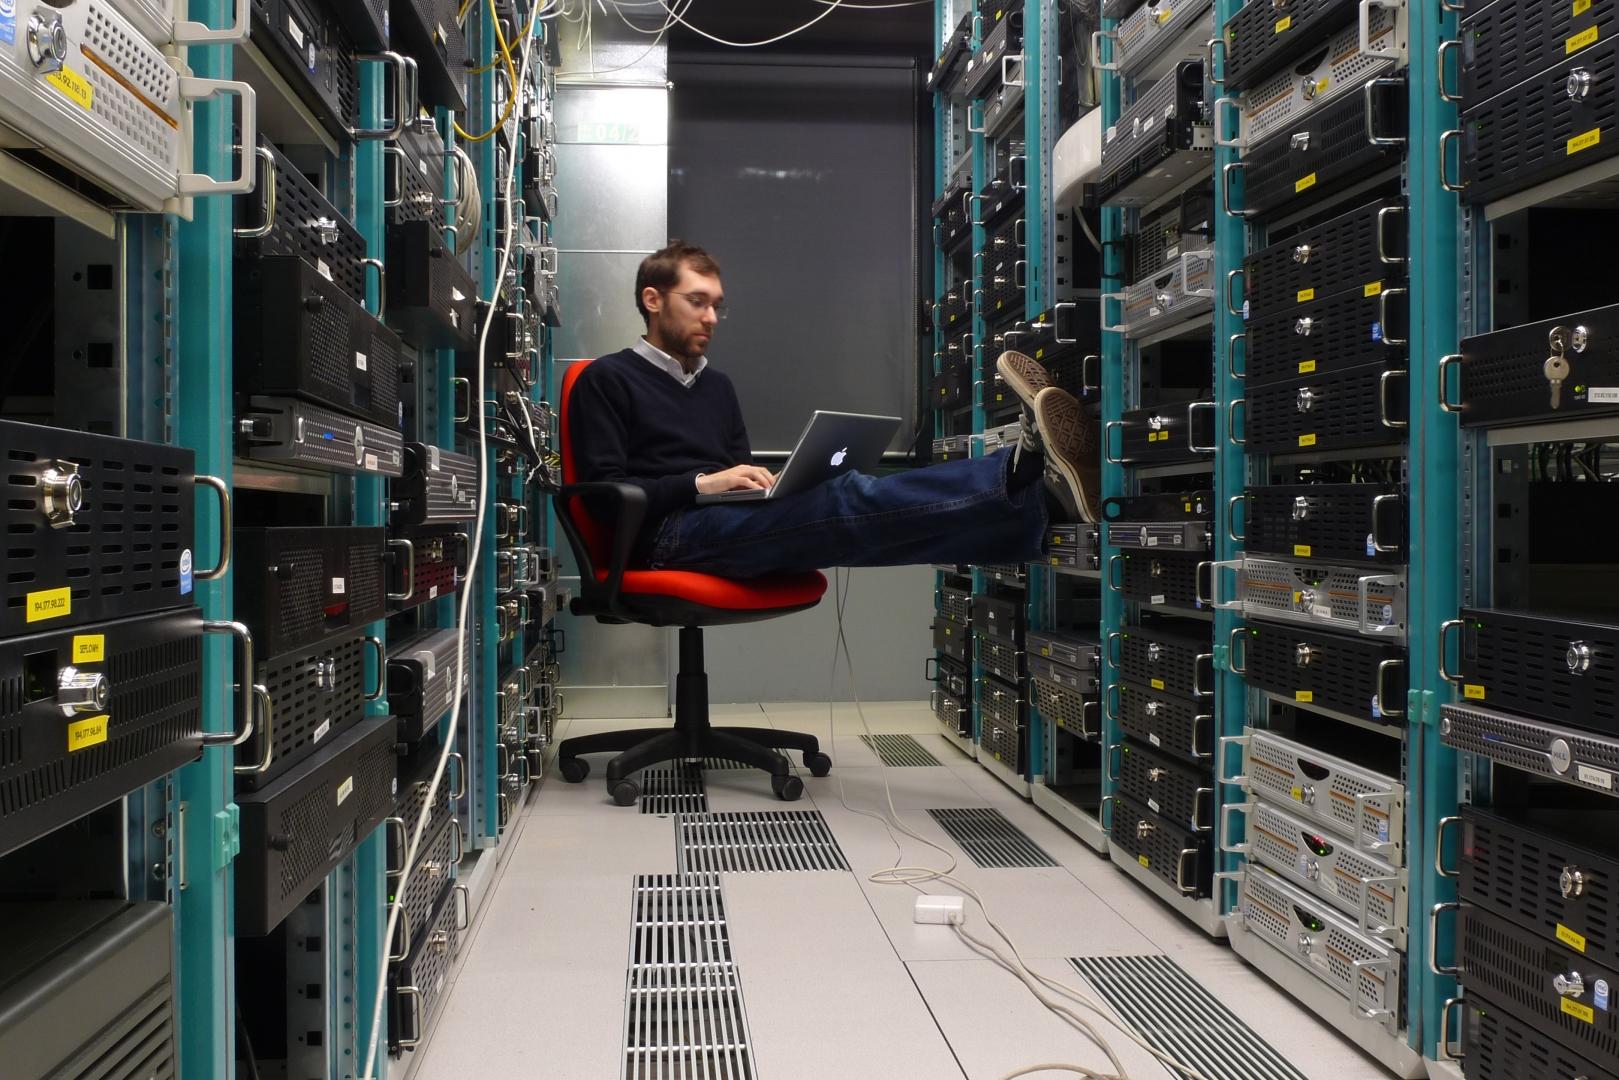 Смешные картинки про информационные технологии, клаб открытка днем